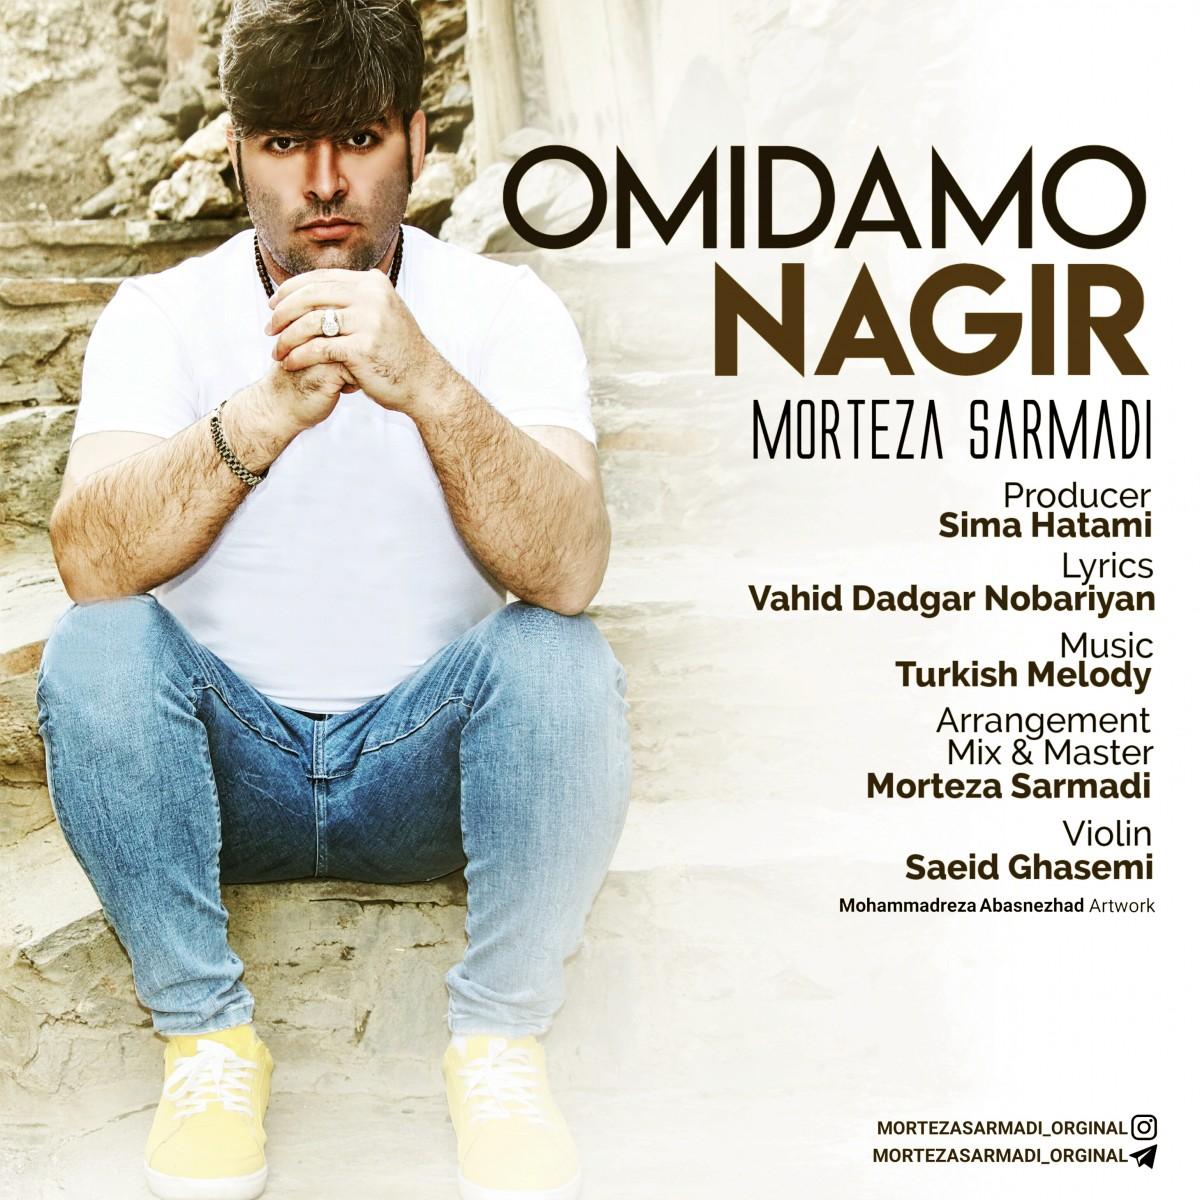 نامبر وان موزیک | دانلود آهنگ جدید Morteza-Sarmadi-Omidamo-Nagir